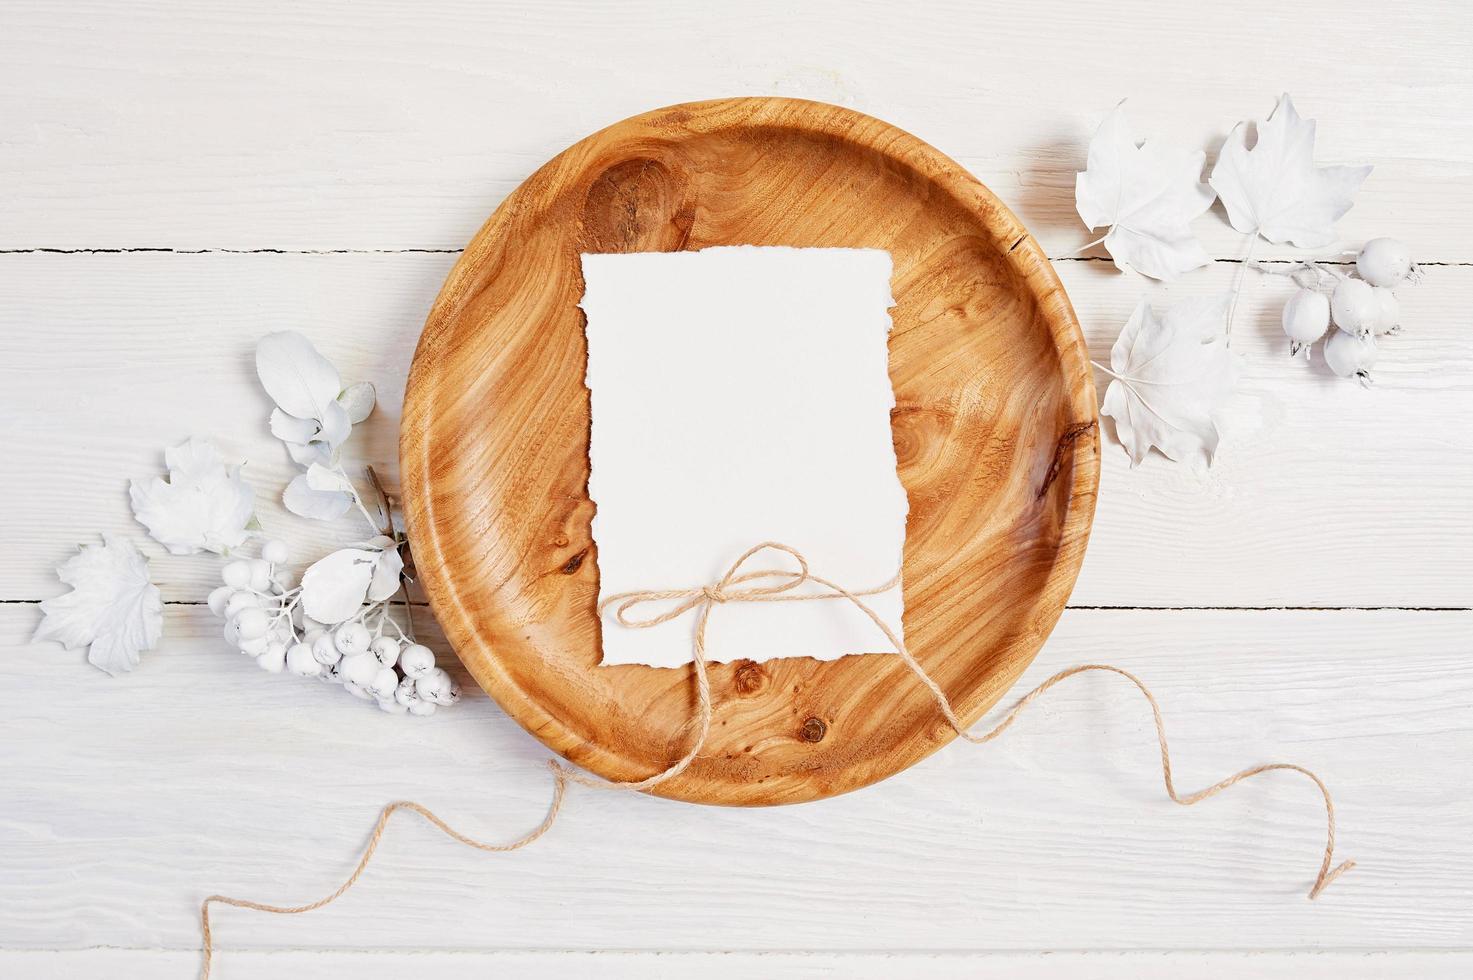 carta bianca in una ciotola di legno sul tavolo di legno foto